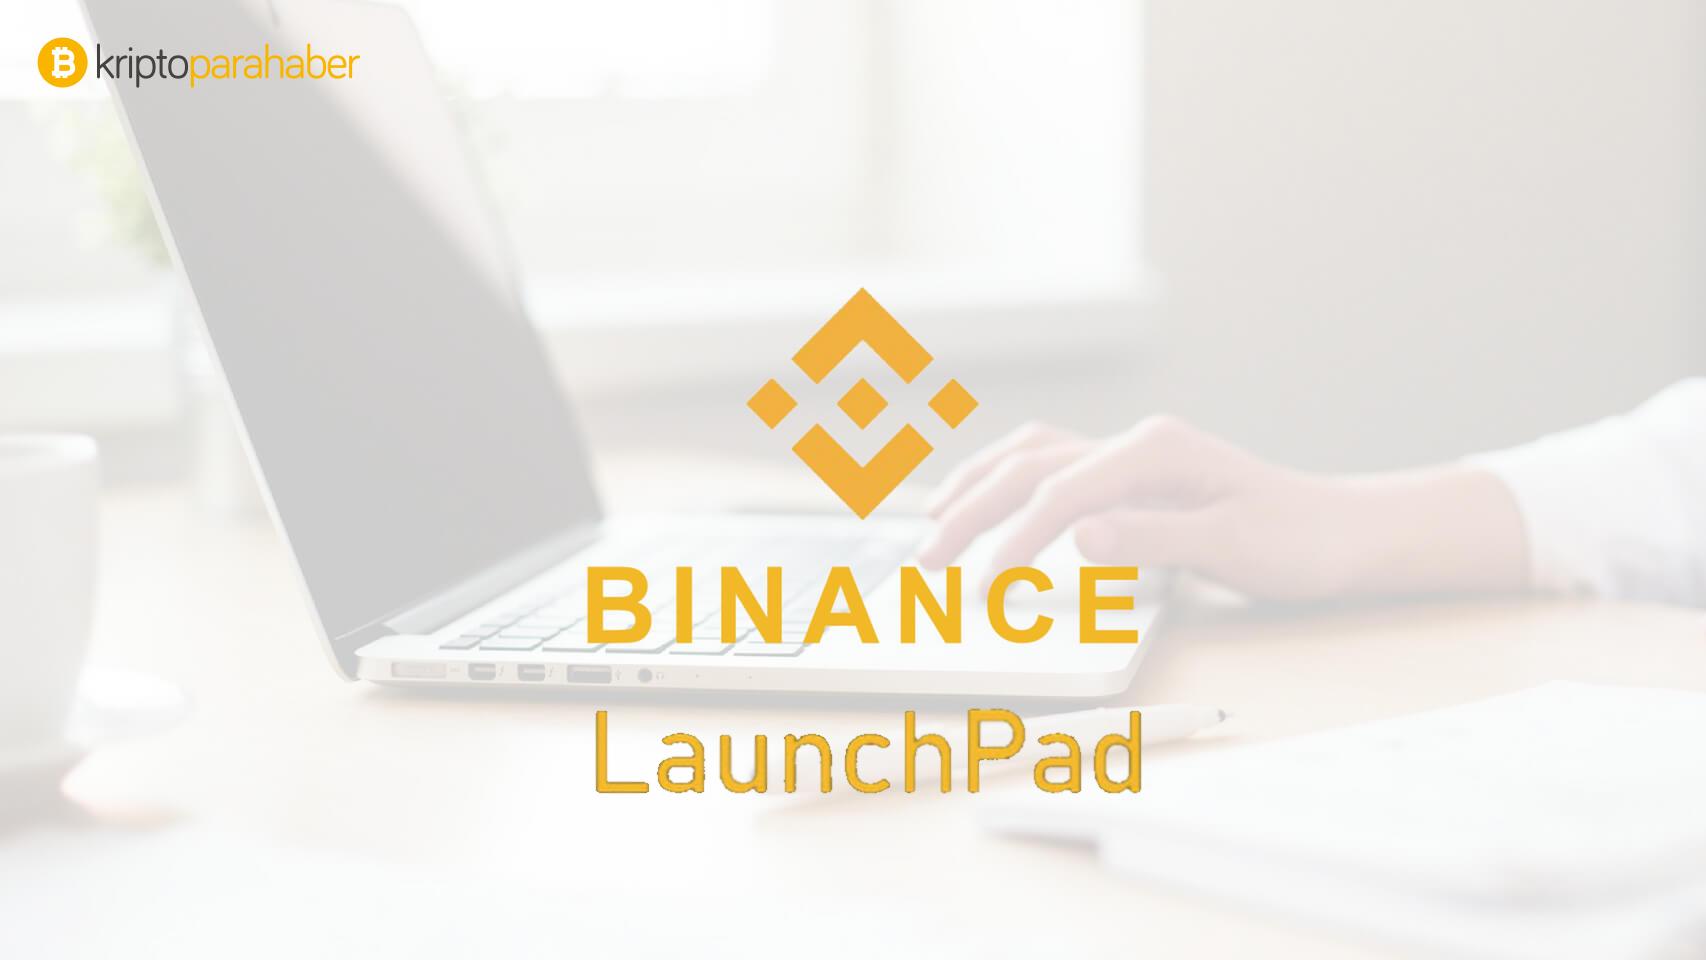 Binance Launchpad'de satışı yapılacak bir sonraki kripto para projesi açıklandı